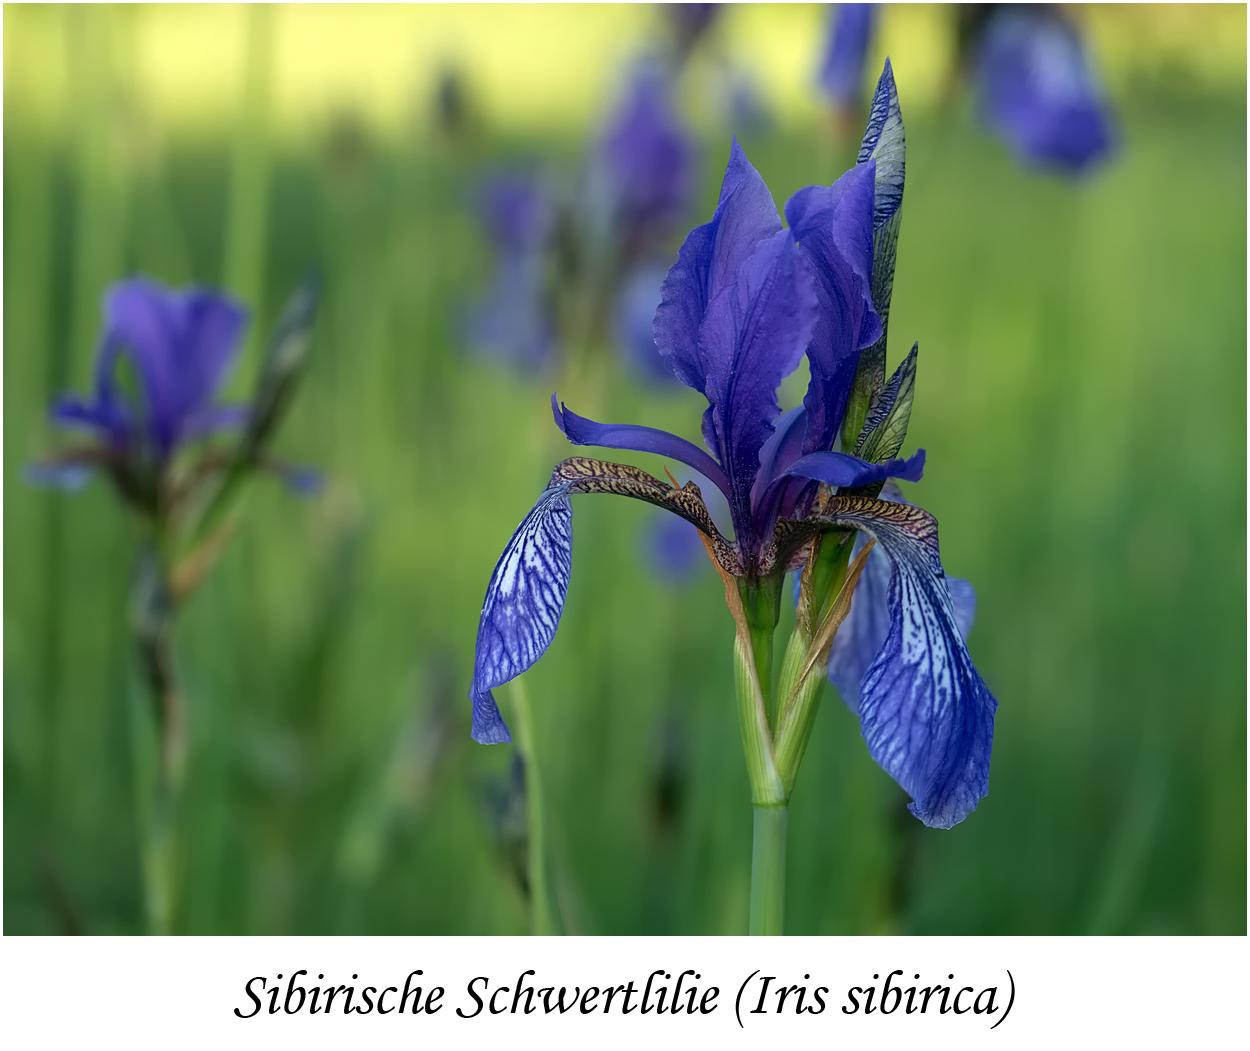 Sibirische Schwertlilie (Iris sibirica), NSG Erlebachswiese